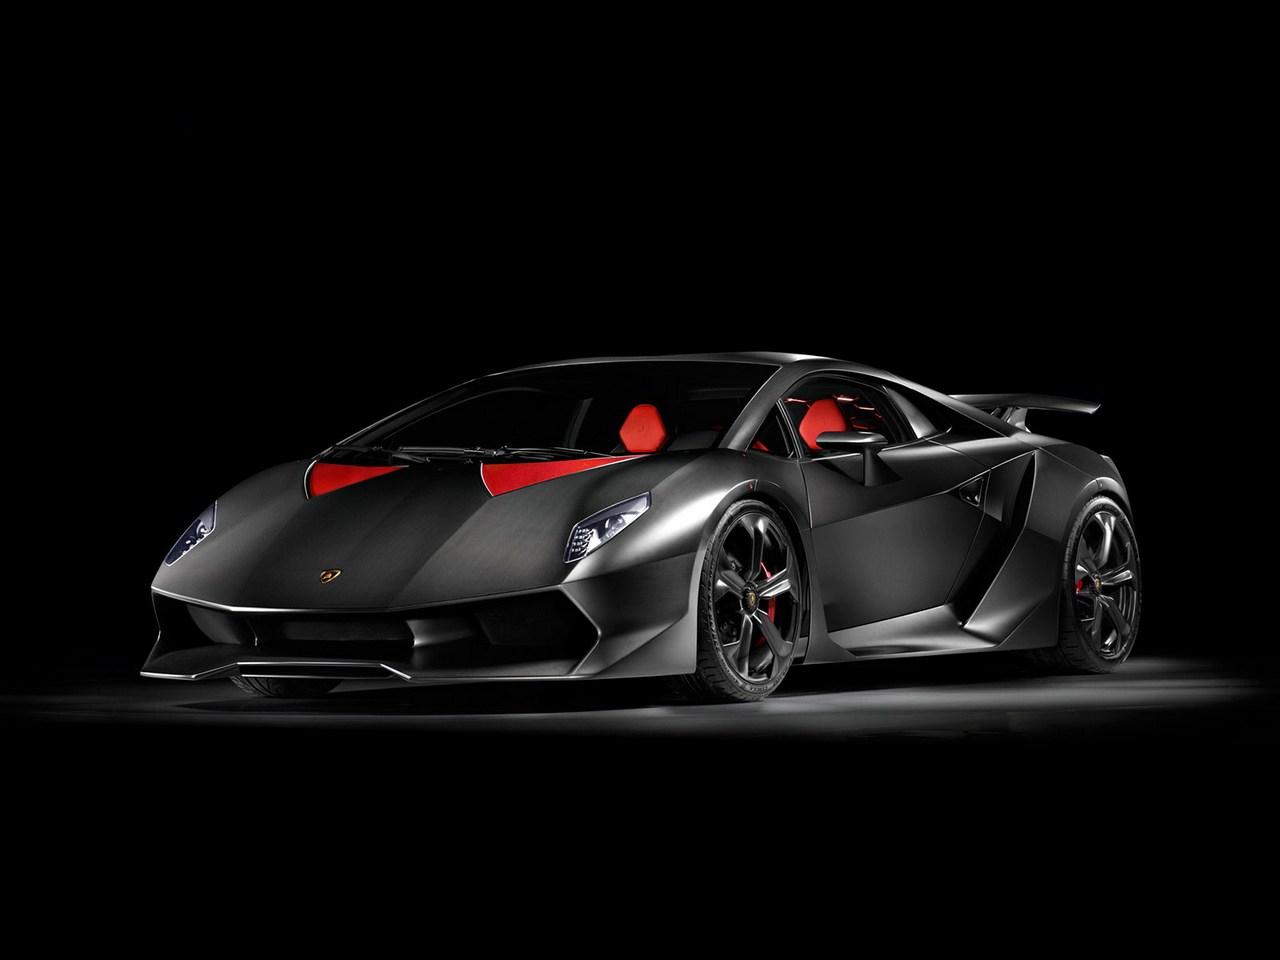 Lamborghini-Sesto-Elemento-Concept-2010-Photo-03